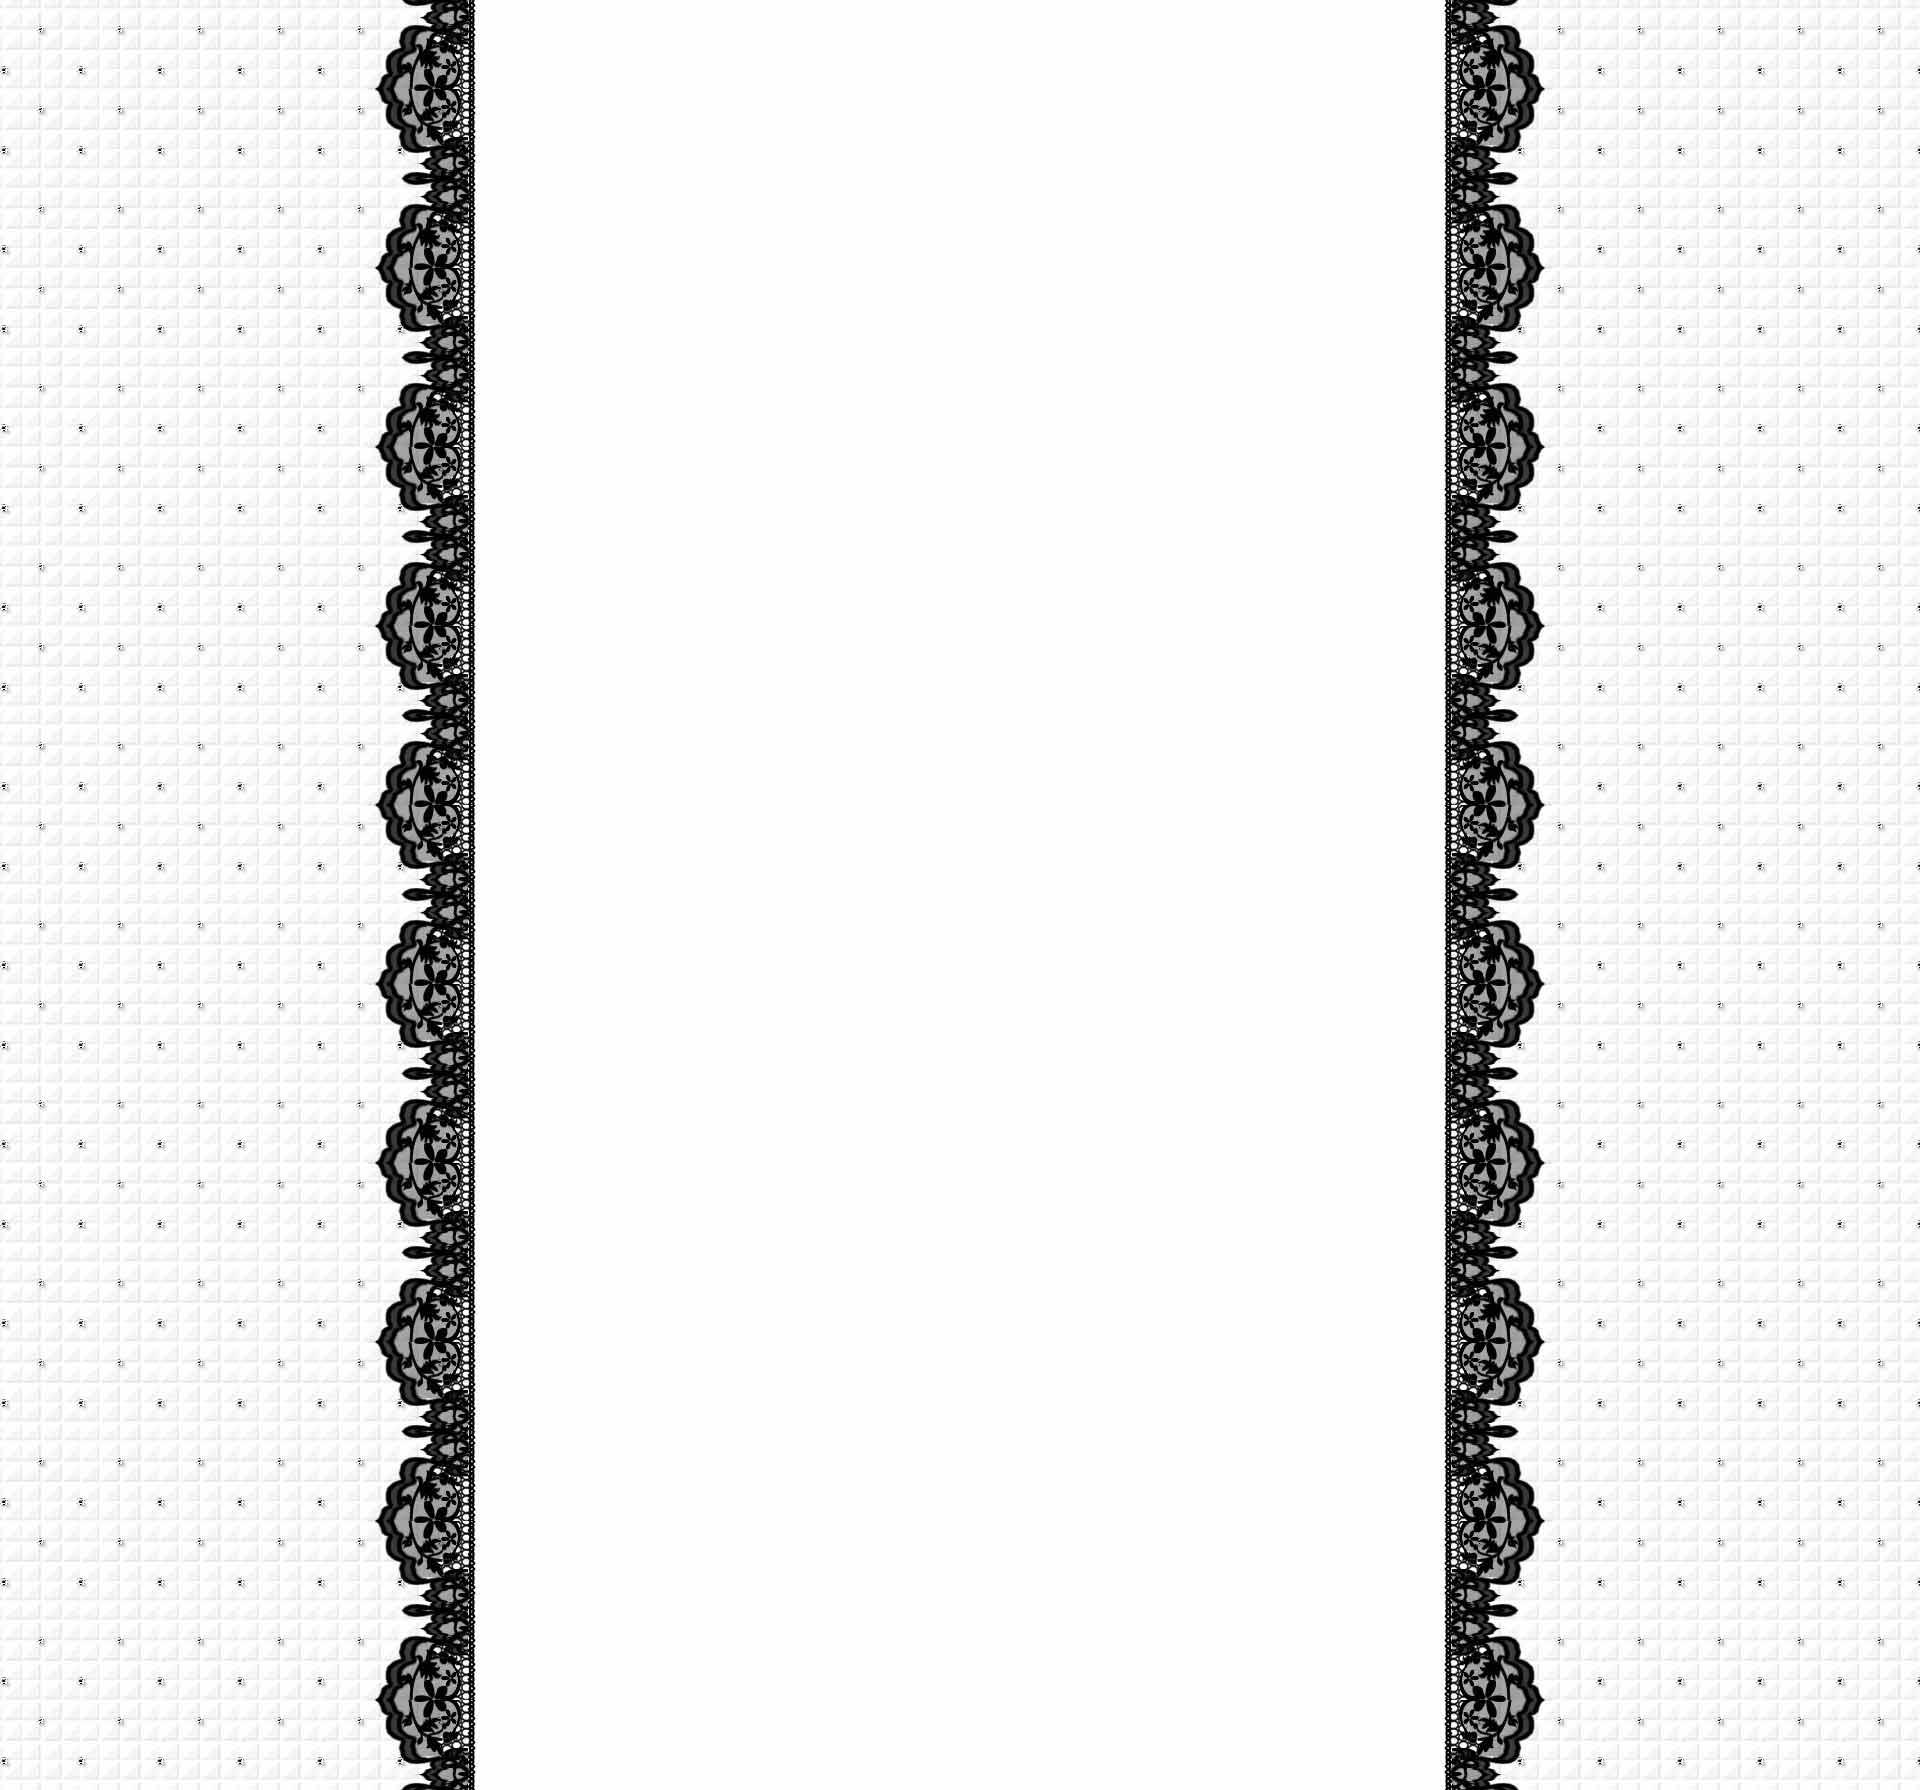 黑色蕾丝花边淘宝店铺装修背景图片素材